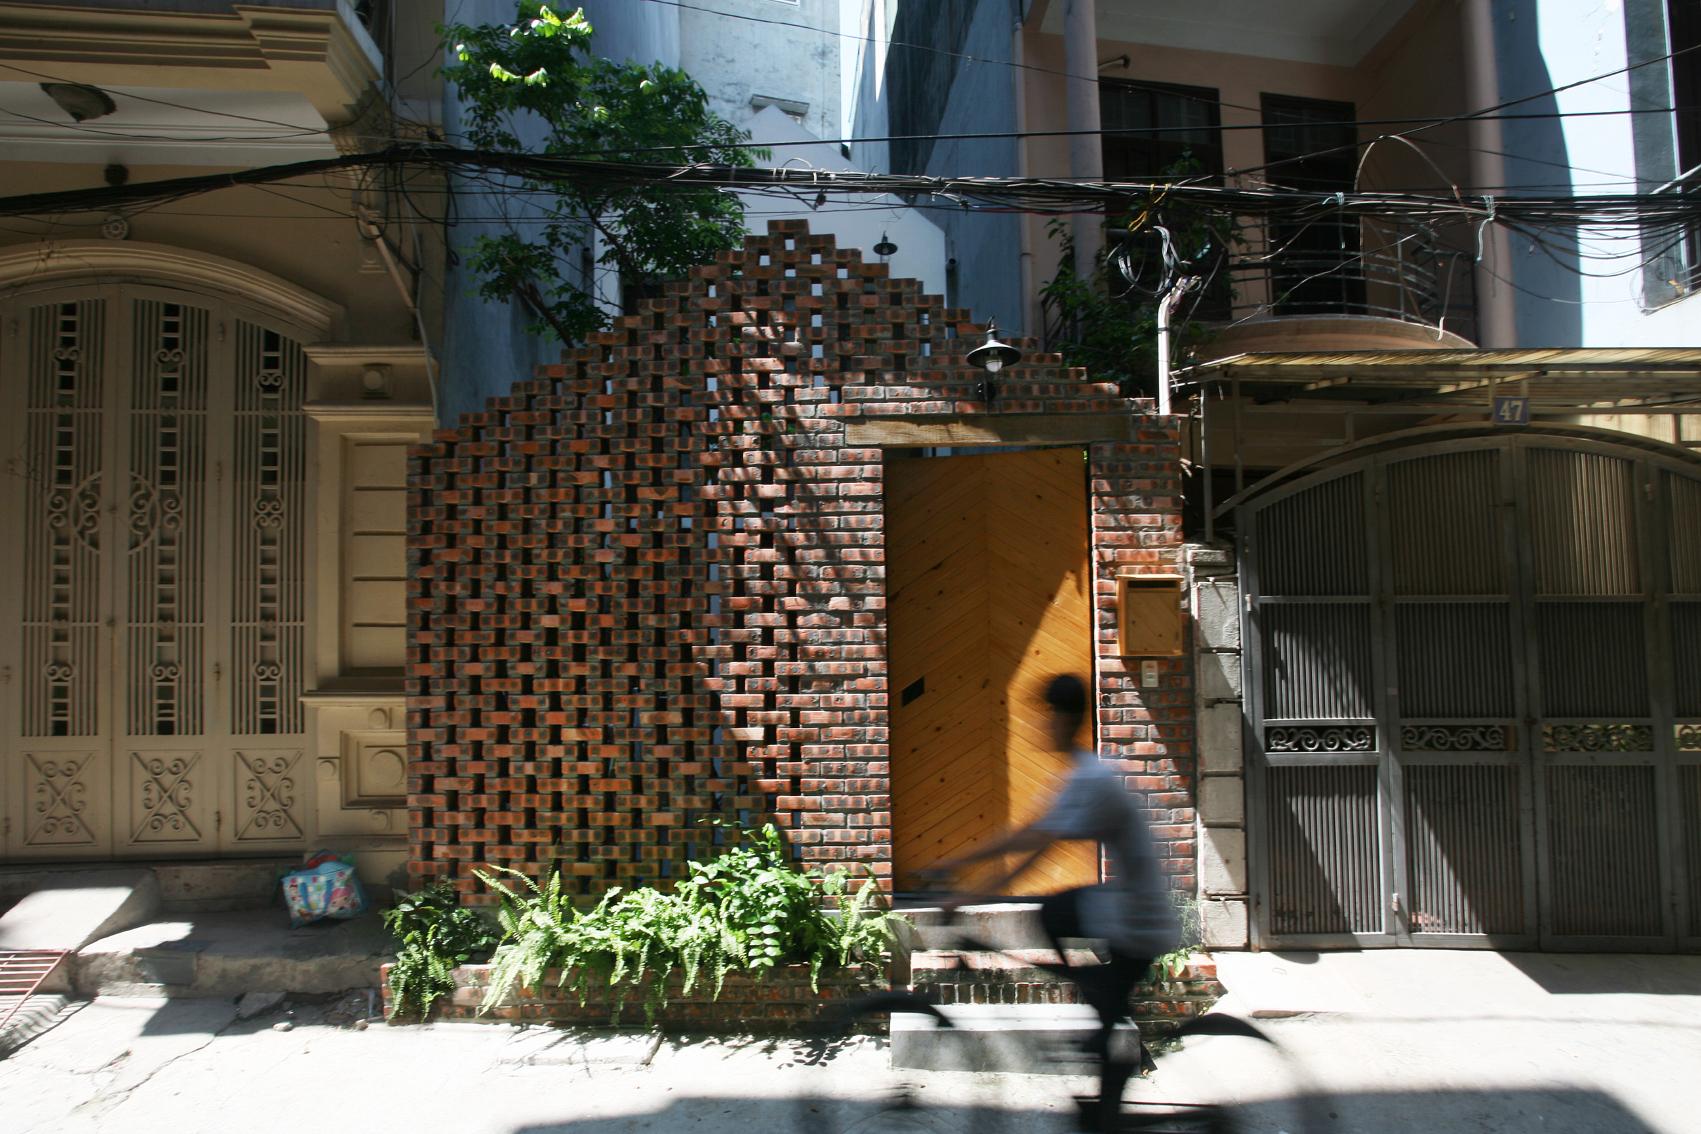 Maison T / Nghia-Architect (Vietnã)